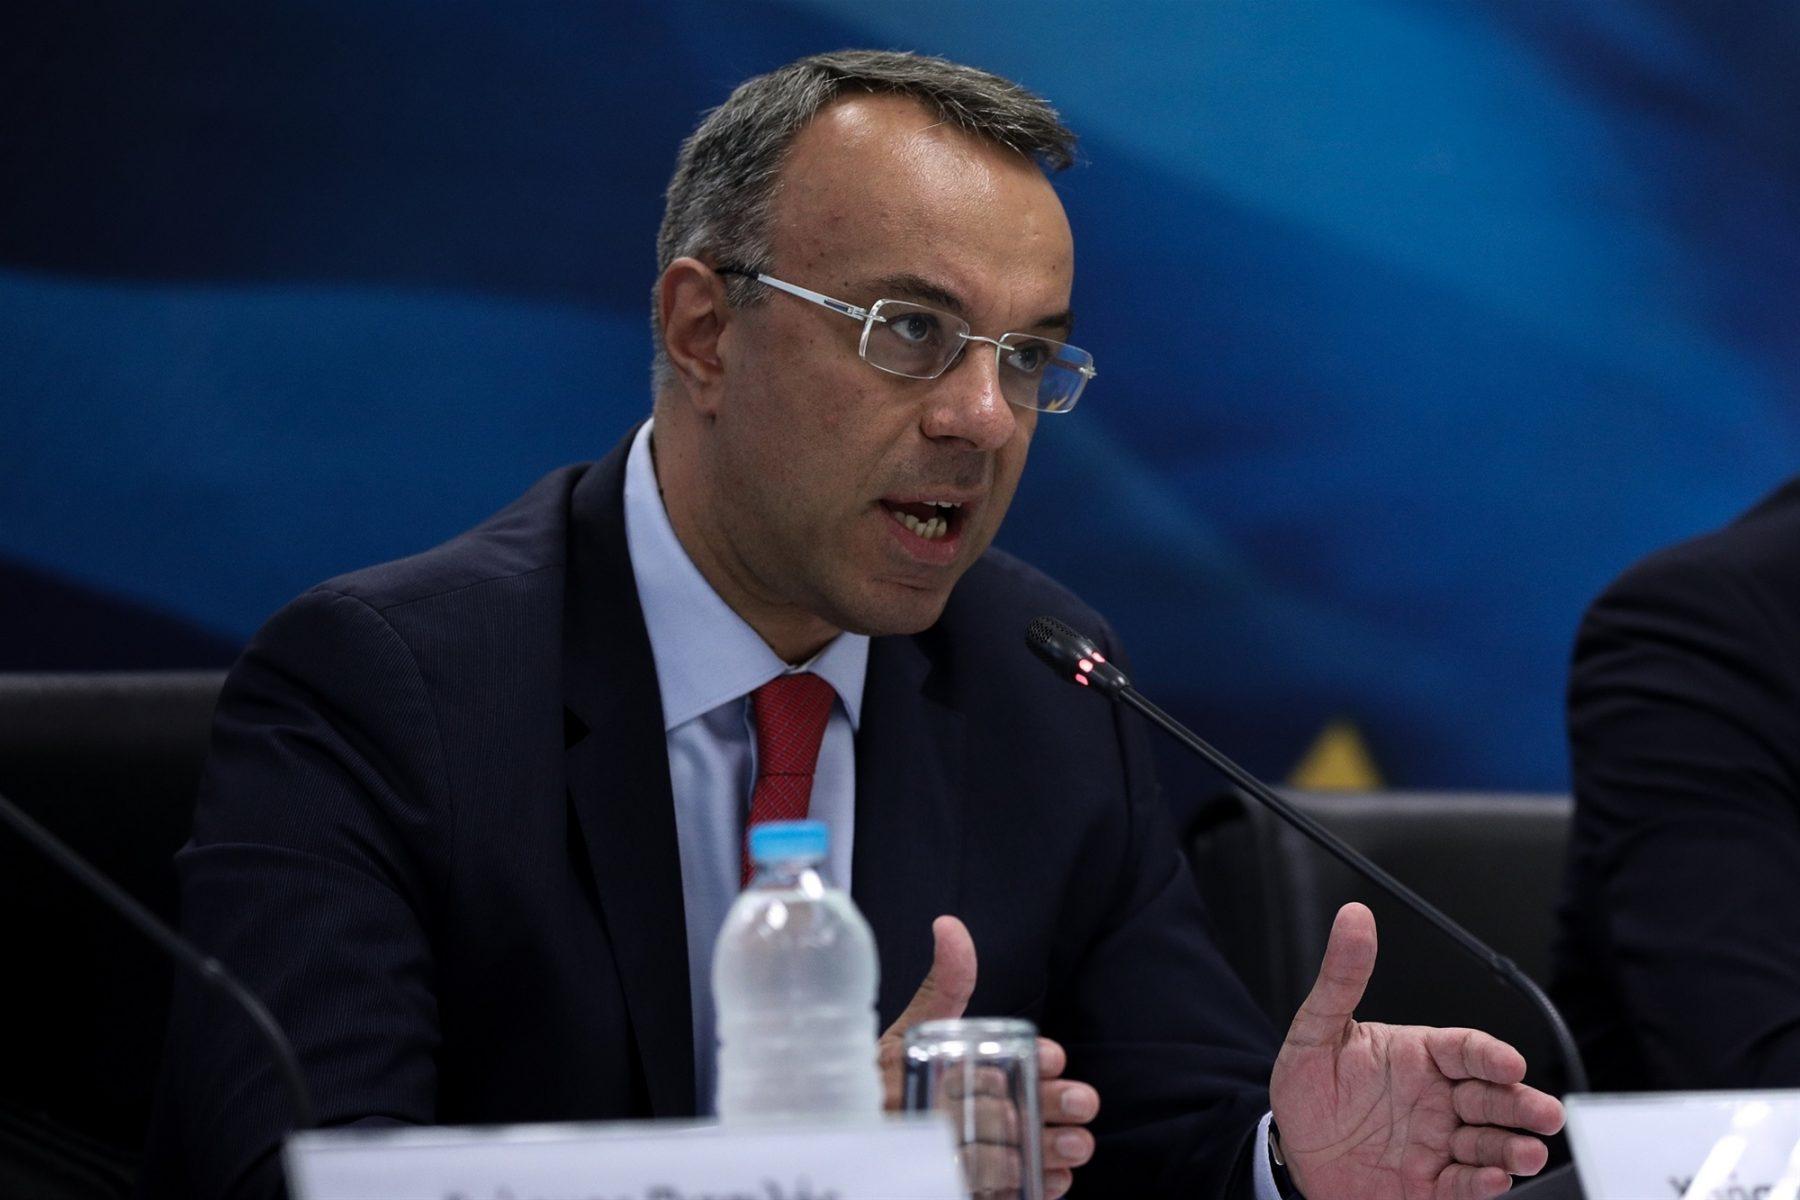 Χρ. Σταικούρας: Οποιοσδήποτε περιορισμός έχει δυσμενείς επιπτώσεις στην οικονομία